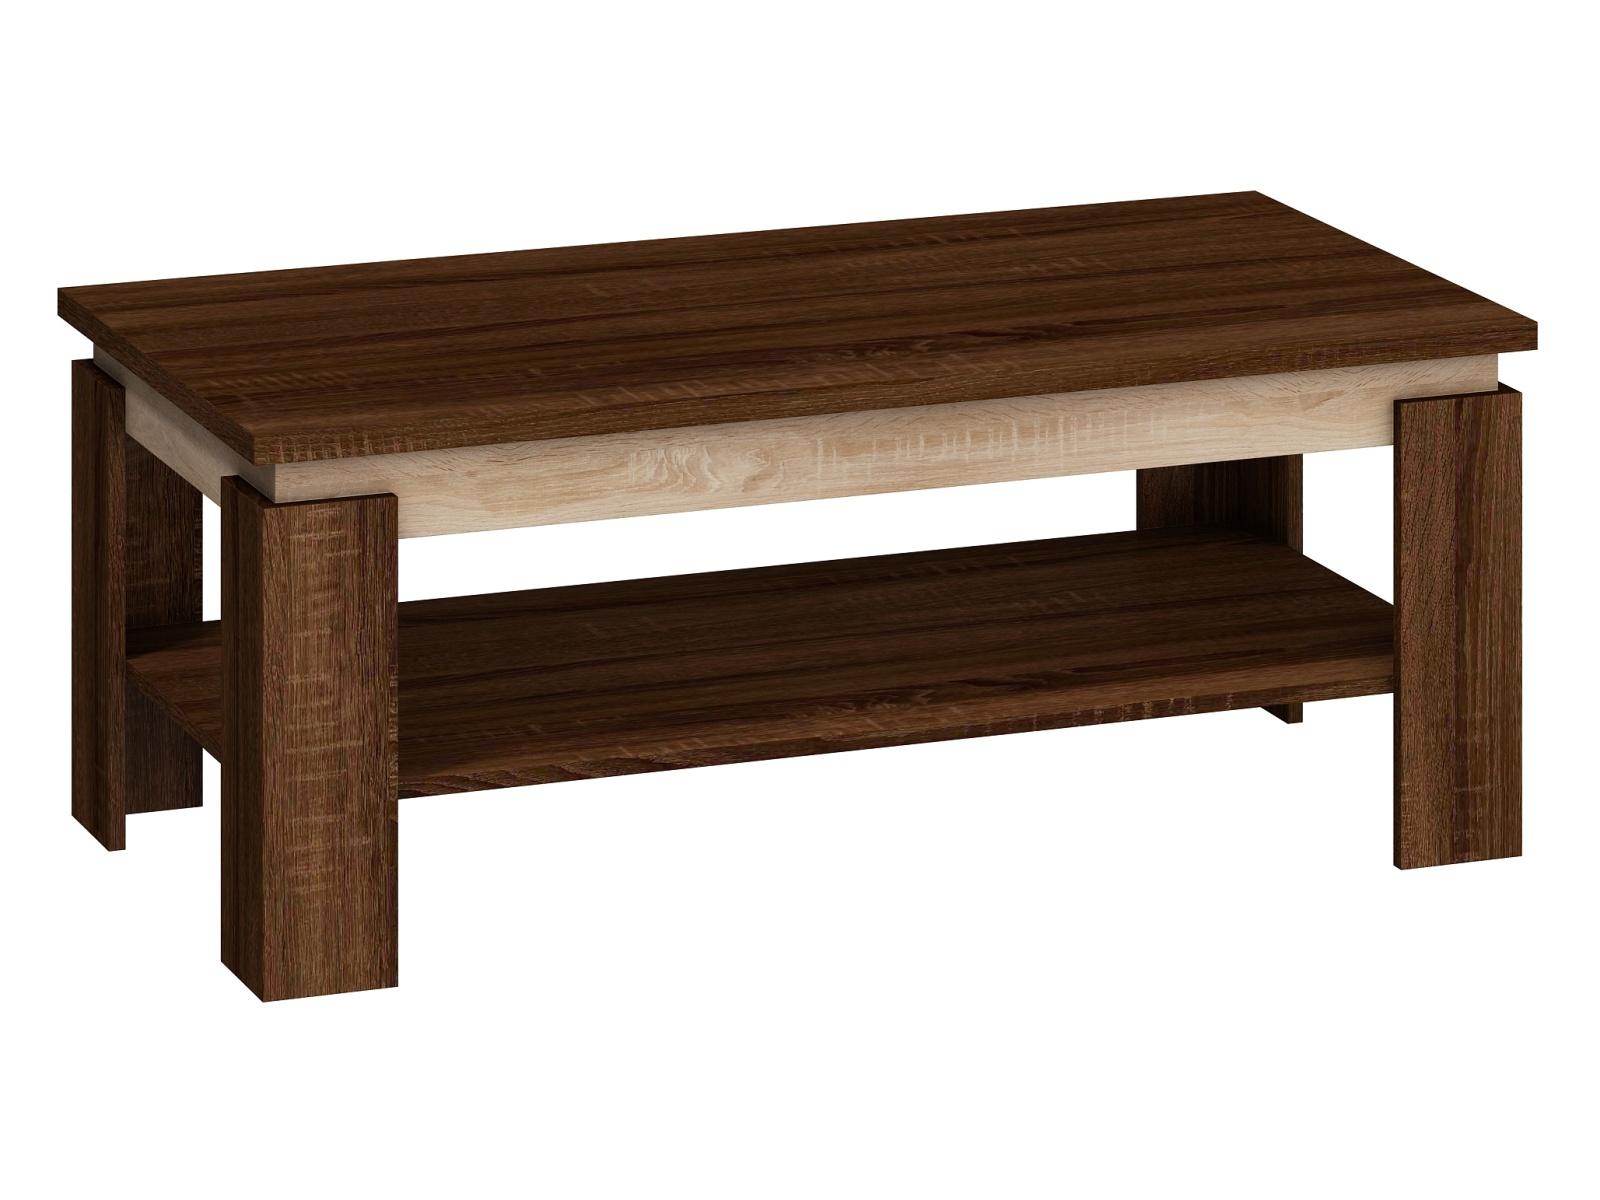 MORAVIA FLAT Konferenční stolek BETA, dub sonoma tmavý/dub sonoma světly